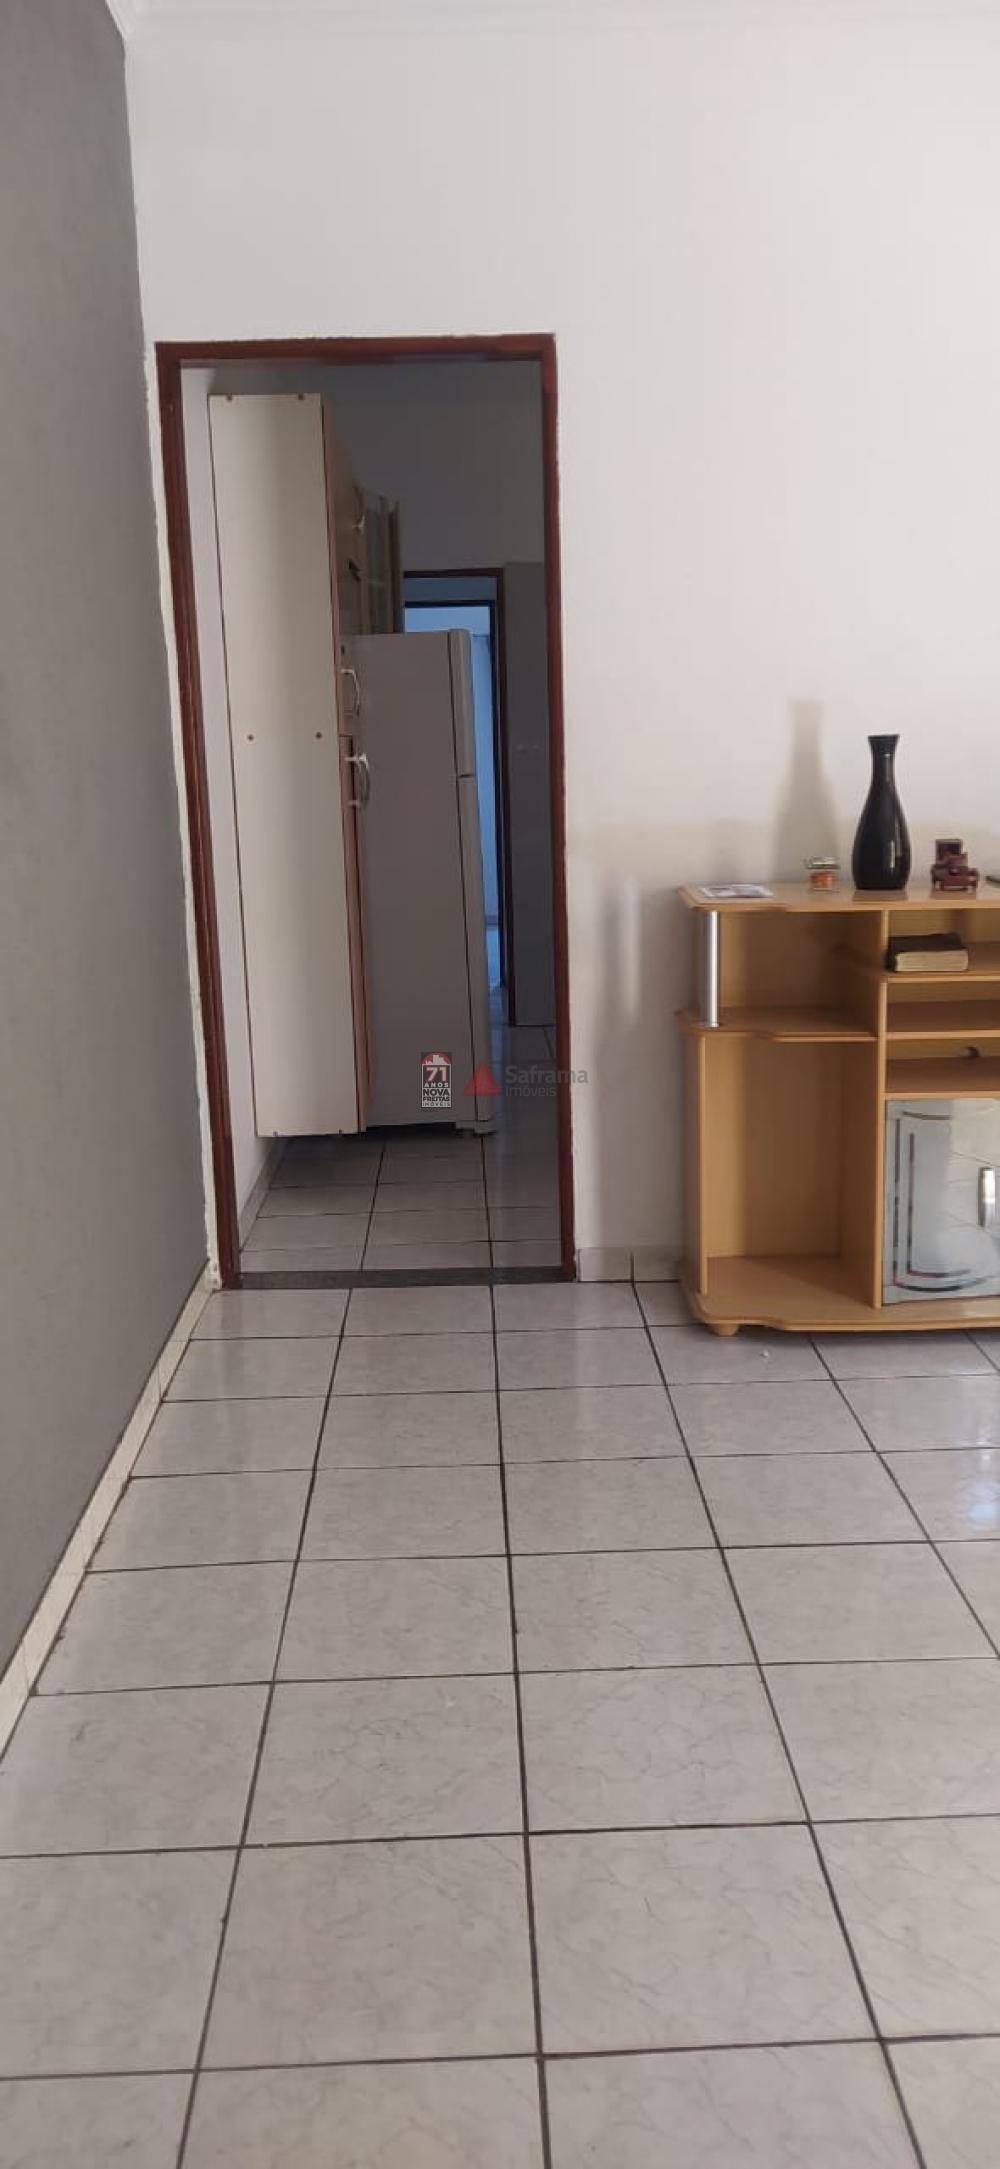 Comprar Casa / Padrão em São José dos Campos apenas R$ 276.000,00 - Foto 3